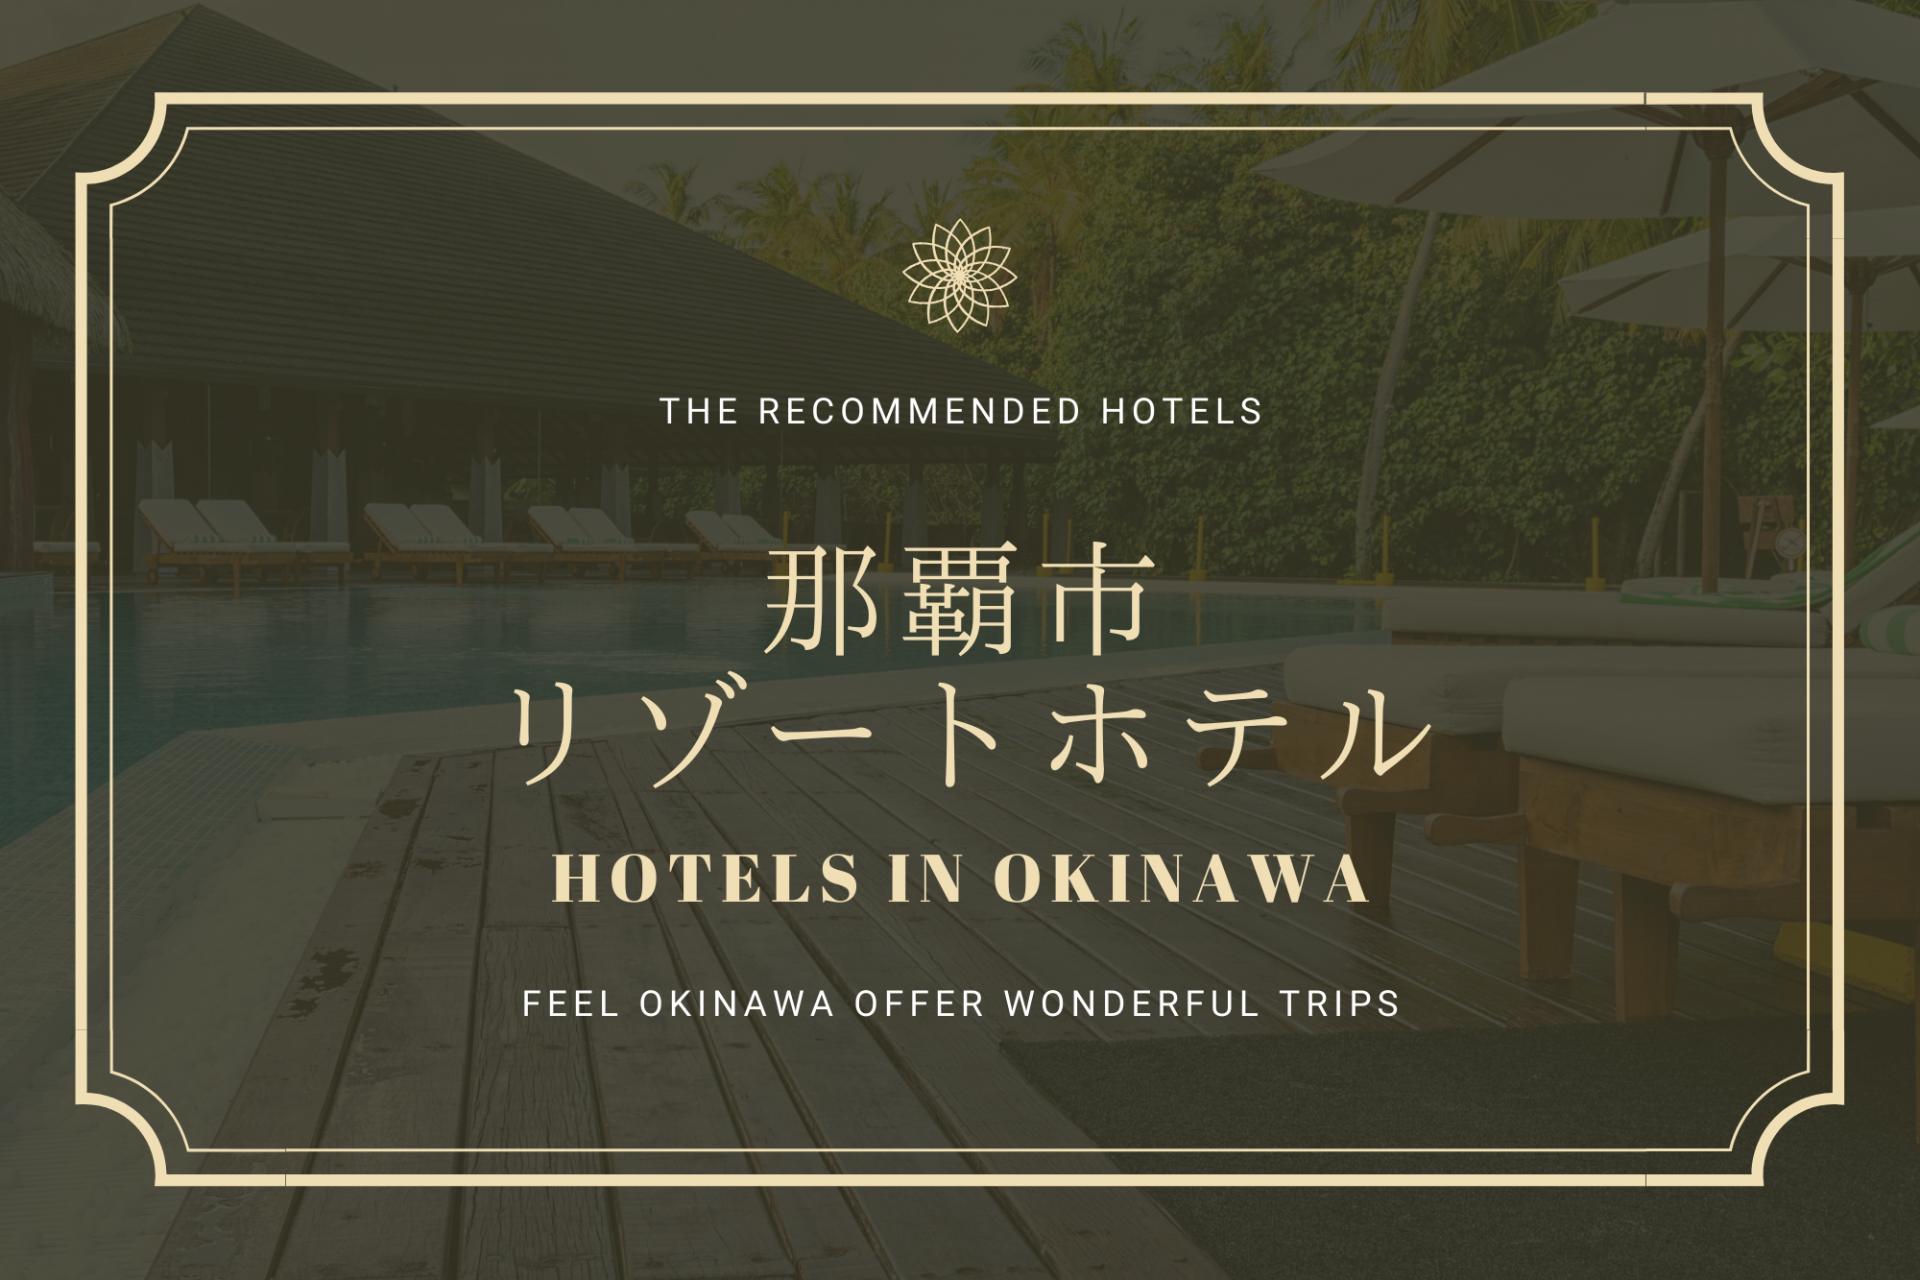 【那覇市リゾートホテル特集】都会の利便性とリゾート気分を良いとこどり!